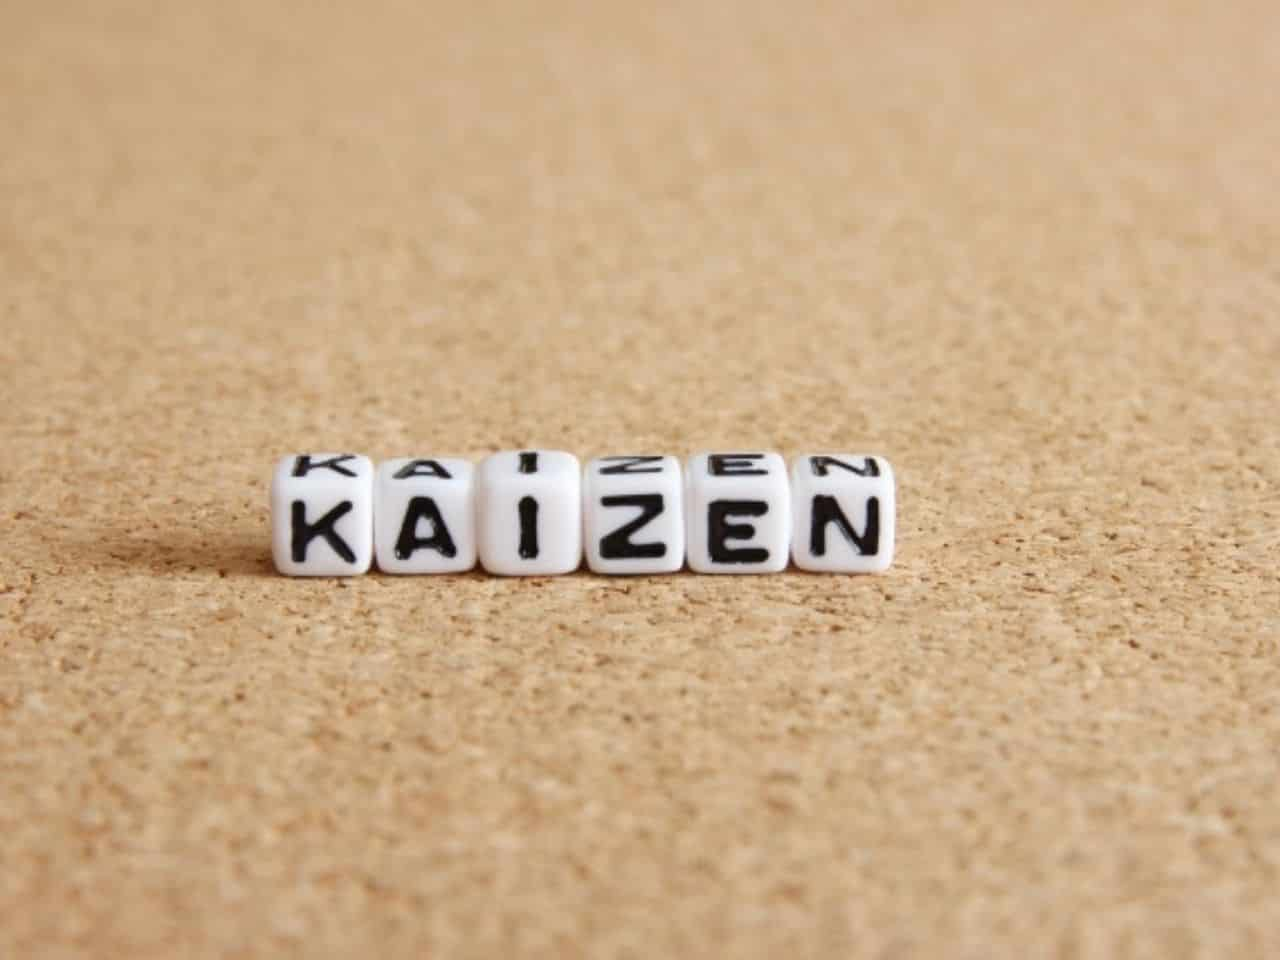 kaizenと書かれた6つのキューブ